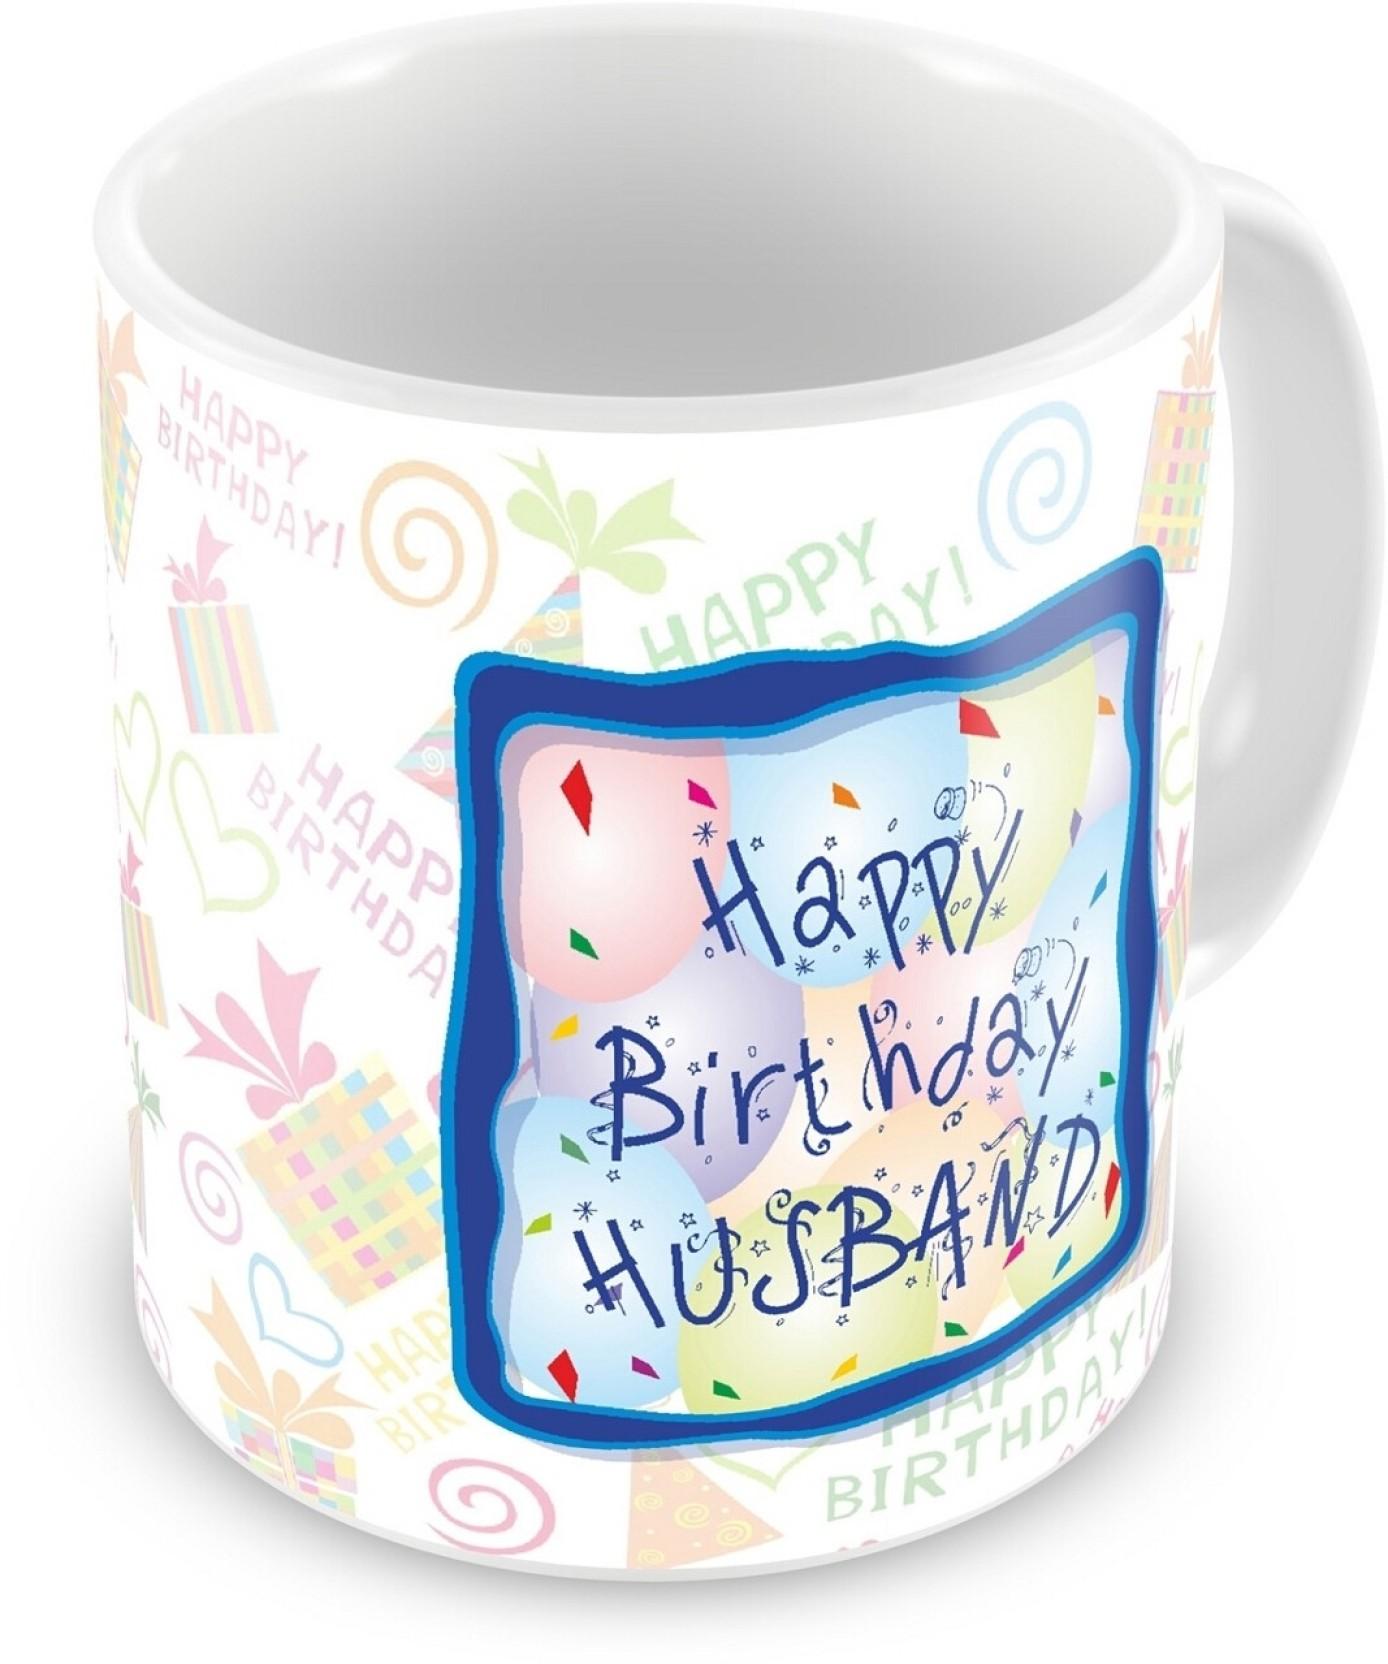 Everyday Gifts Happy Birthday Gift For Husband Ceramic Mug